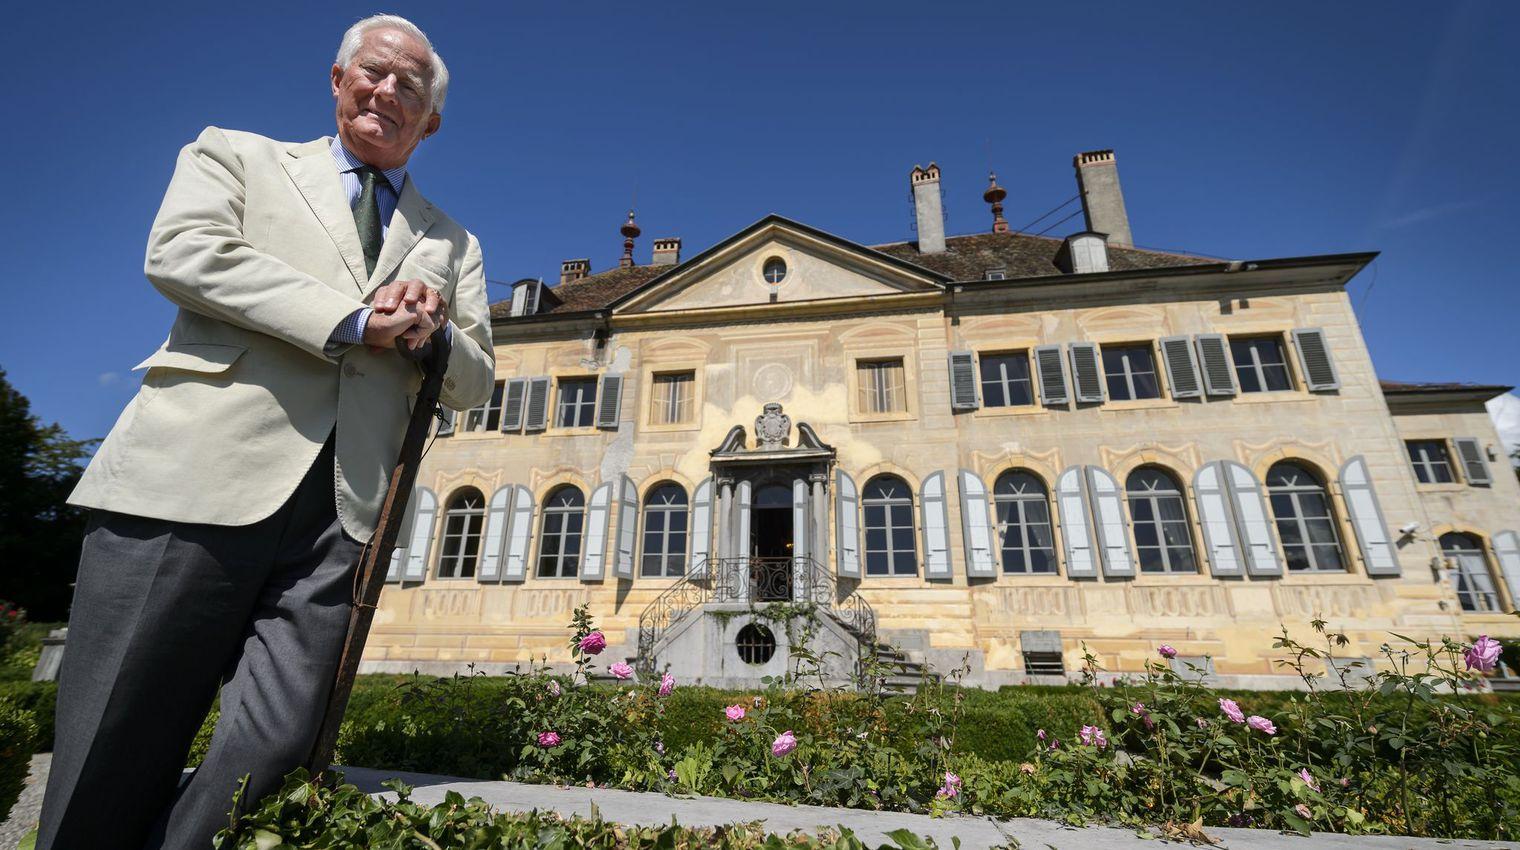 Philippe Grand d''Hauteville devant le château de sa famille à Saint-Légier, près de Vevey, en Suisse, le 25 août 2015 Photo Fabrice Coffrini/AFP